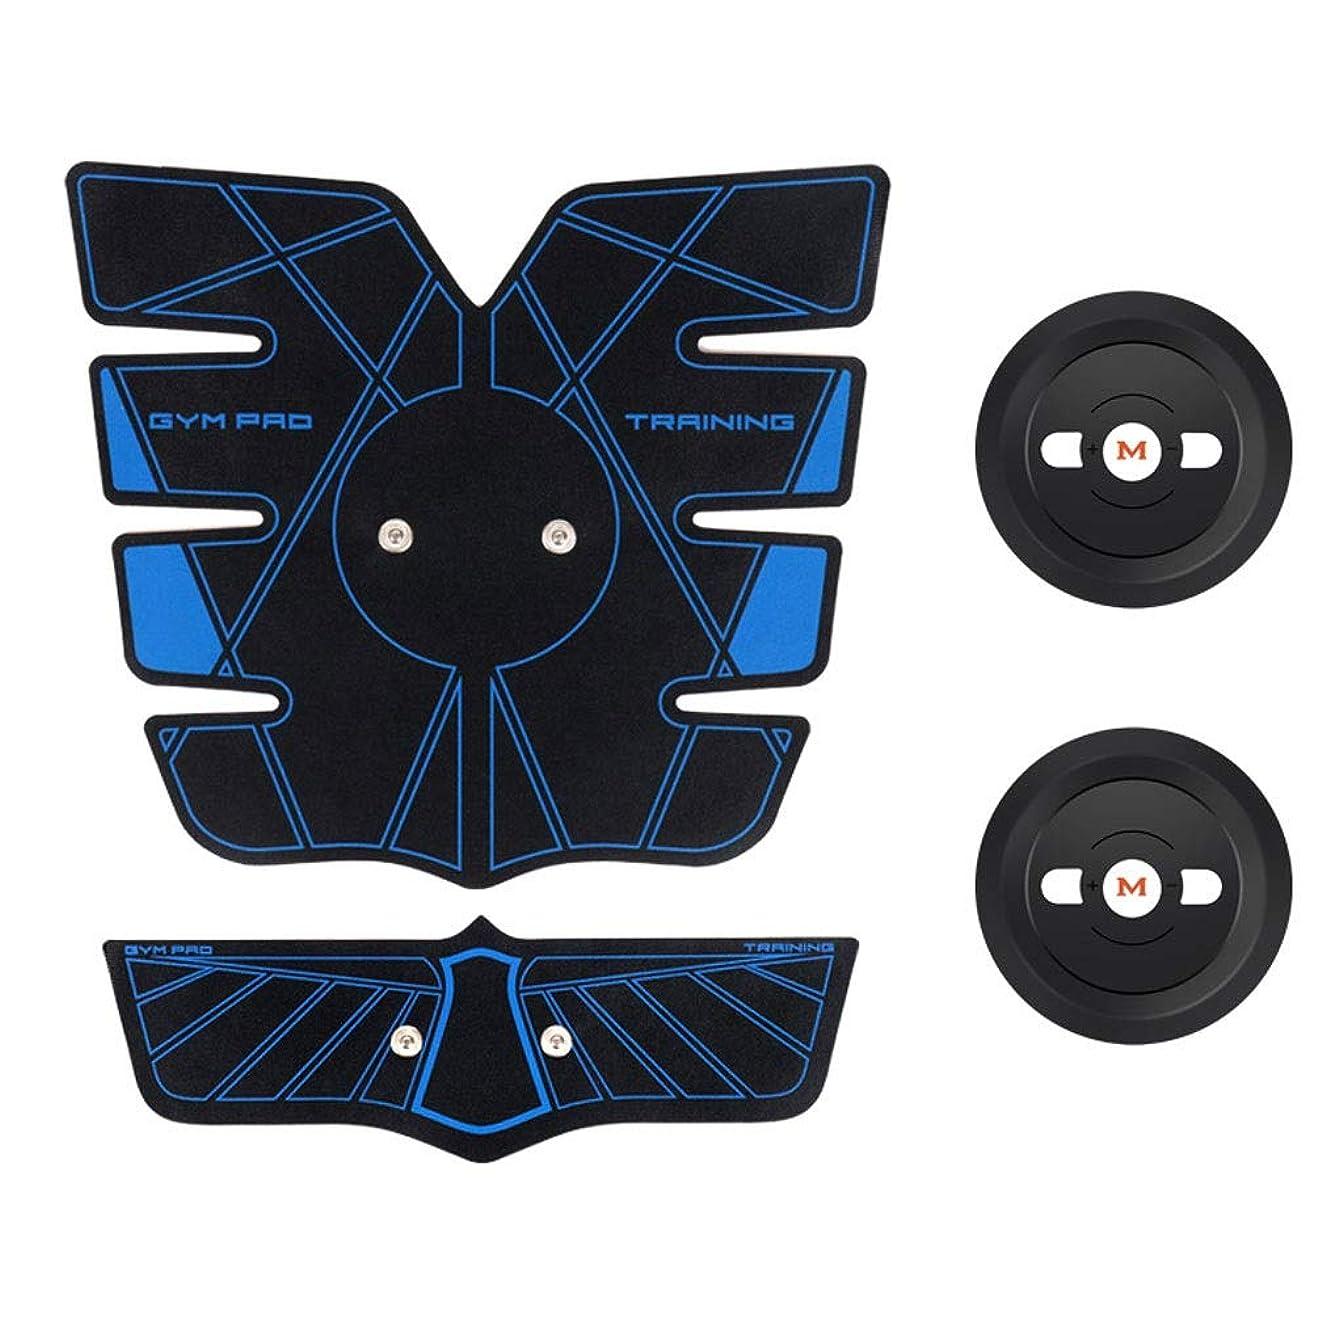 ミサイル卒業虹腹部筋肉トレーナーEMS腹部トレーナー筋肉刺激装置アブトーニングベルトウエストトレーナー腹サポートベルトジムトレーニングエクササイズマシンホームフィットネス (Color : Blue, Size : C)